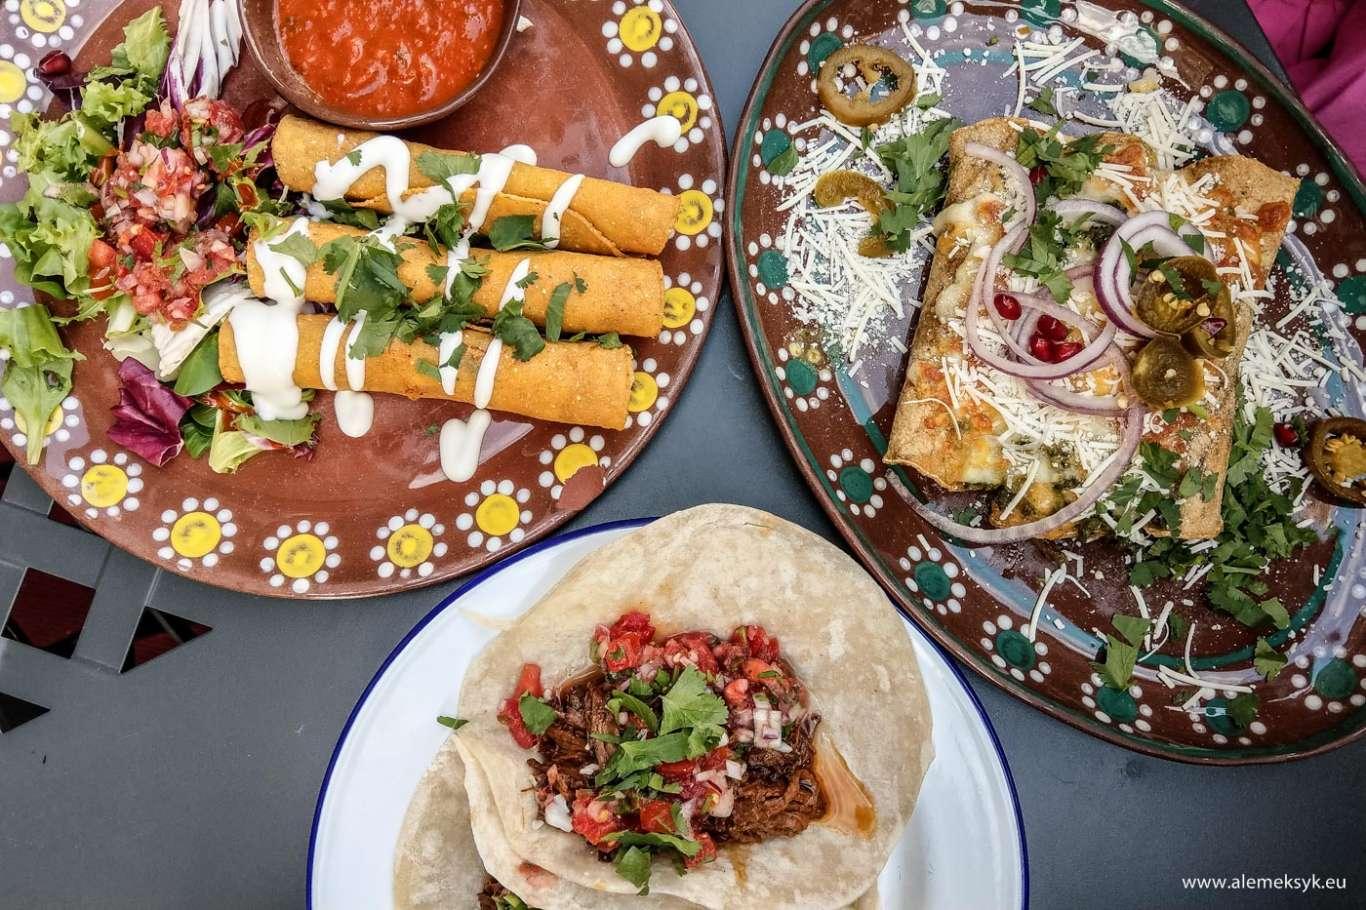 La Sirena Mexican Food Cartel - potknięcia zdarzają się nawet najlepszym